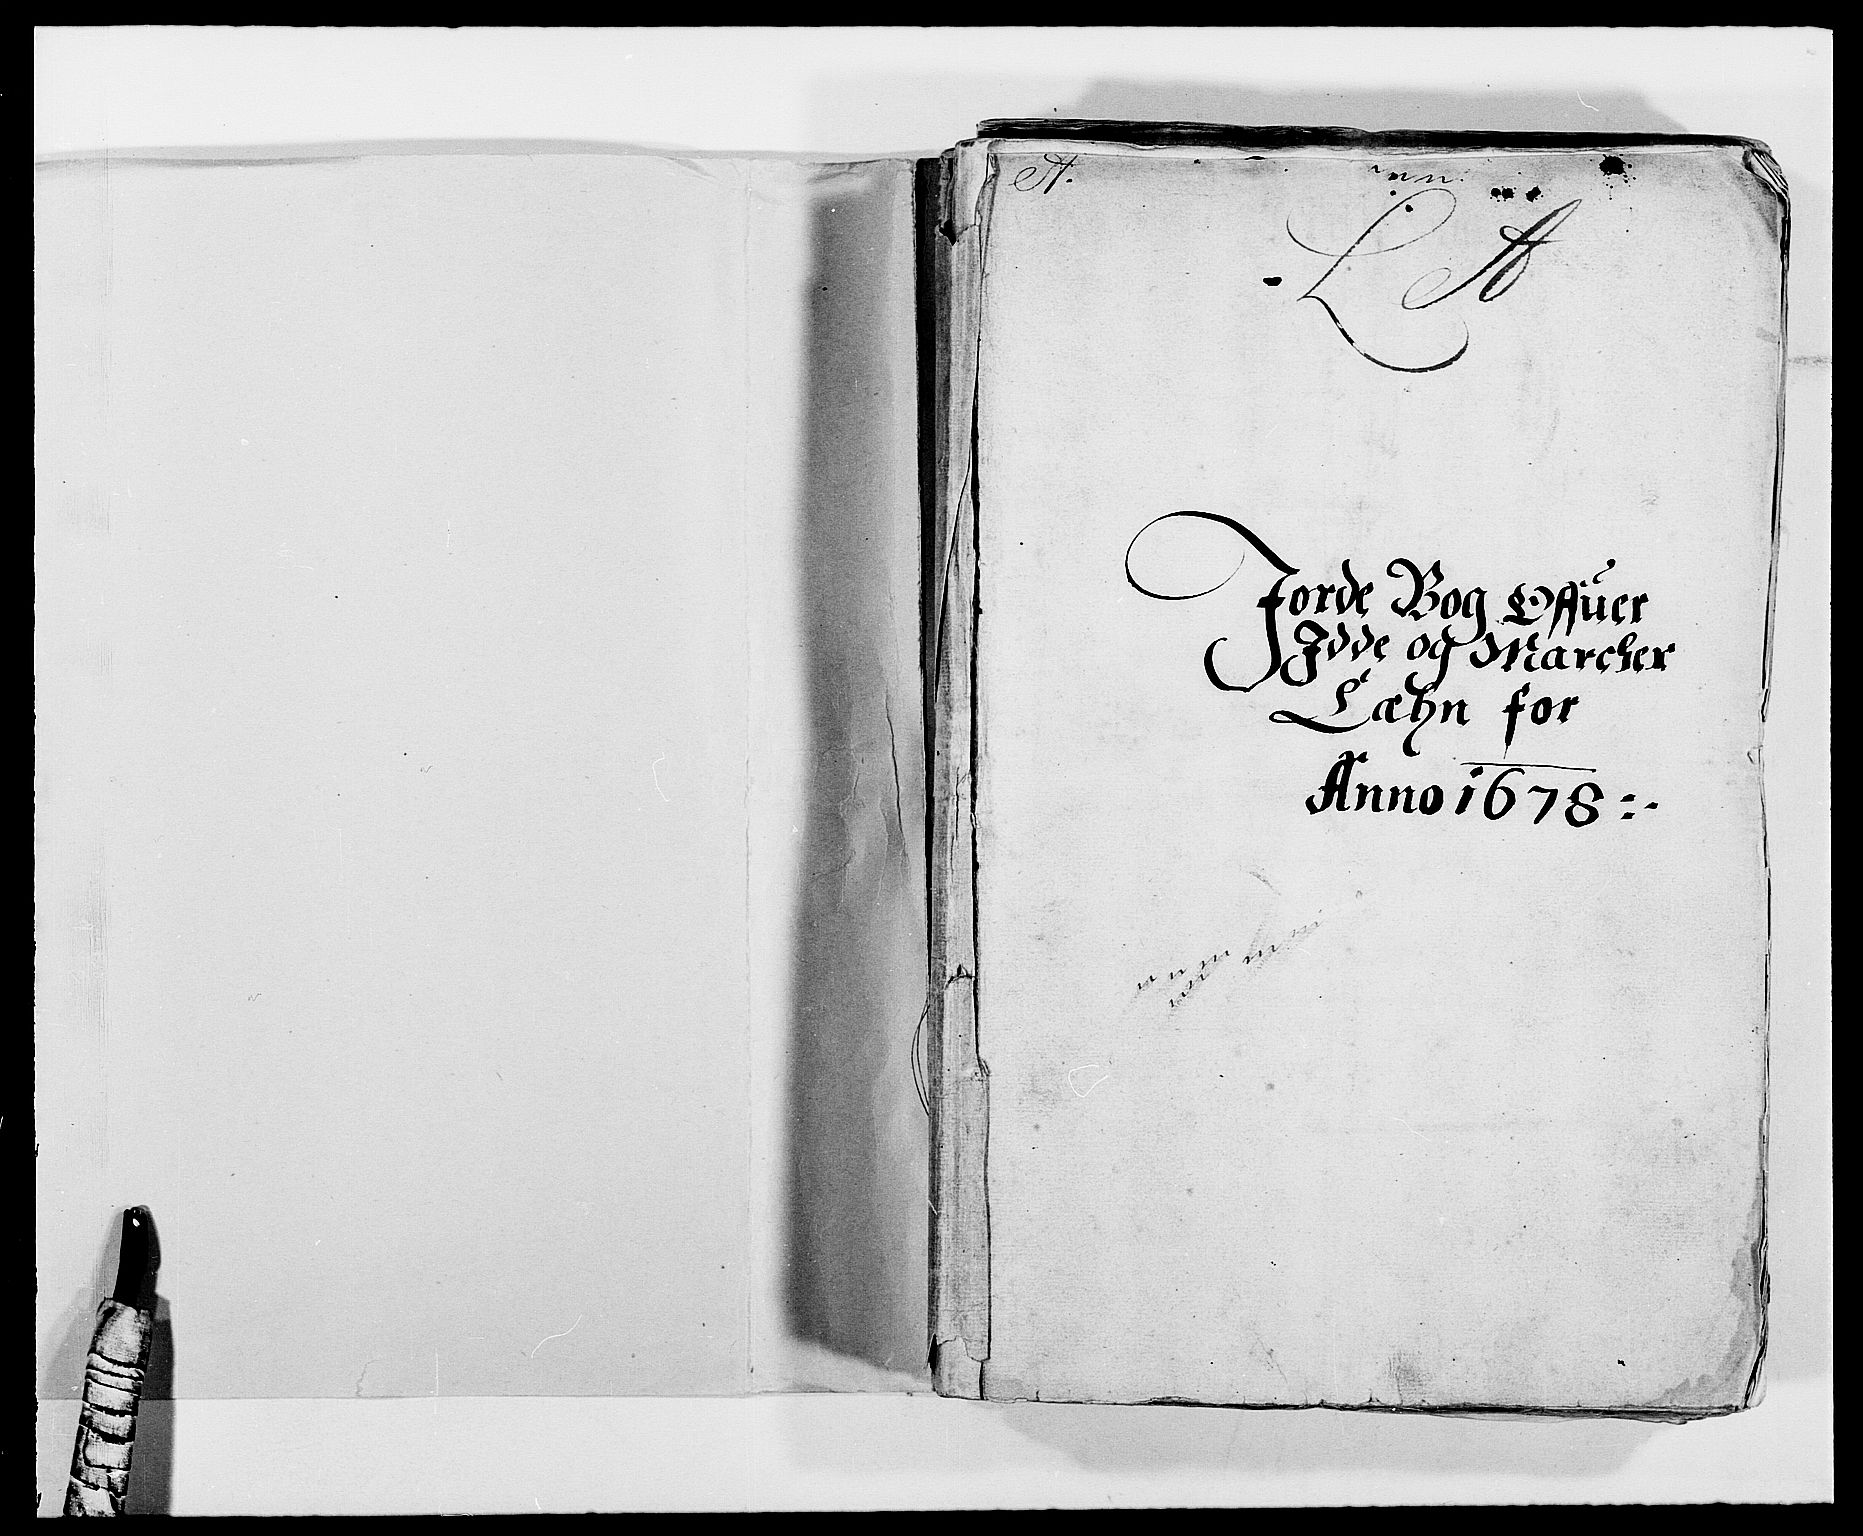 RA, Rentekammeret inntil 1814, Reviderte regnskaper, Fogderegnskap, R01/L0001: Fogderegnskap Idd og Marker, 1678-1679, s. 2